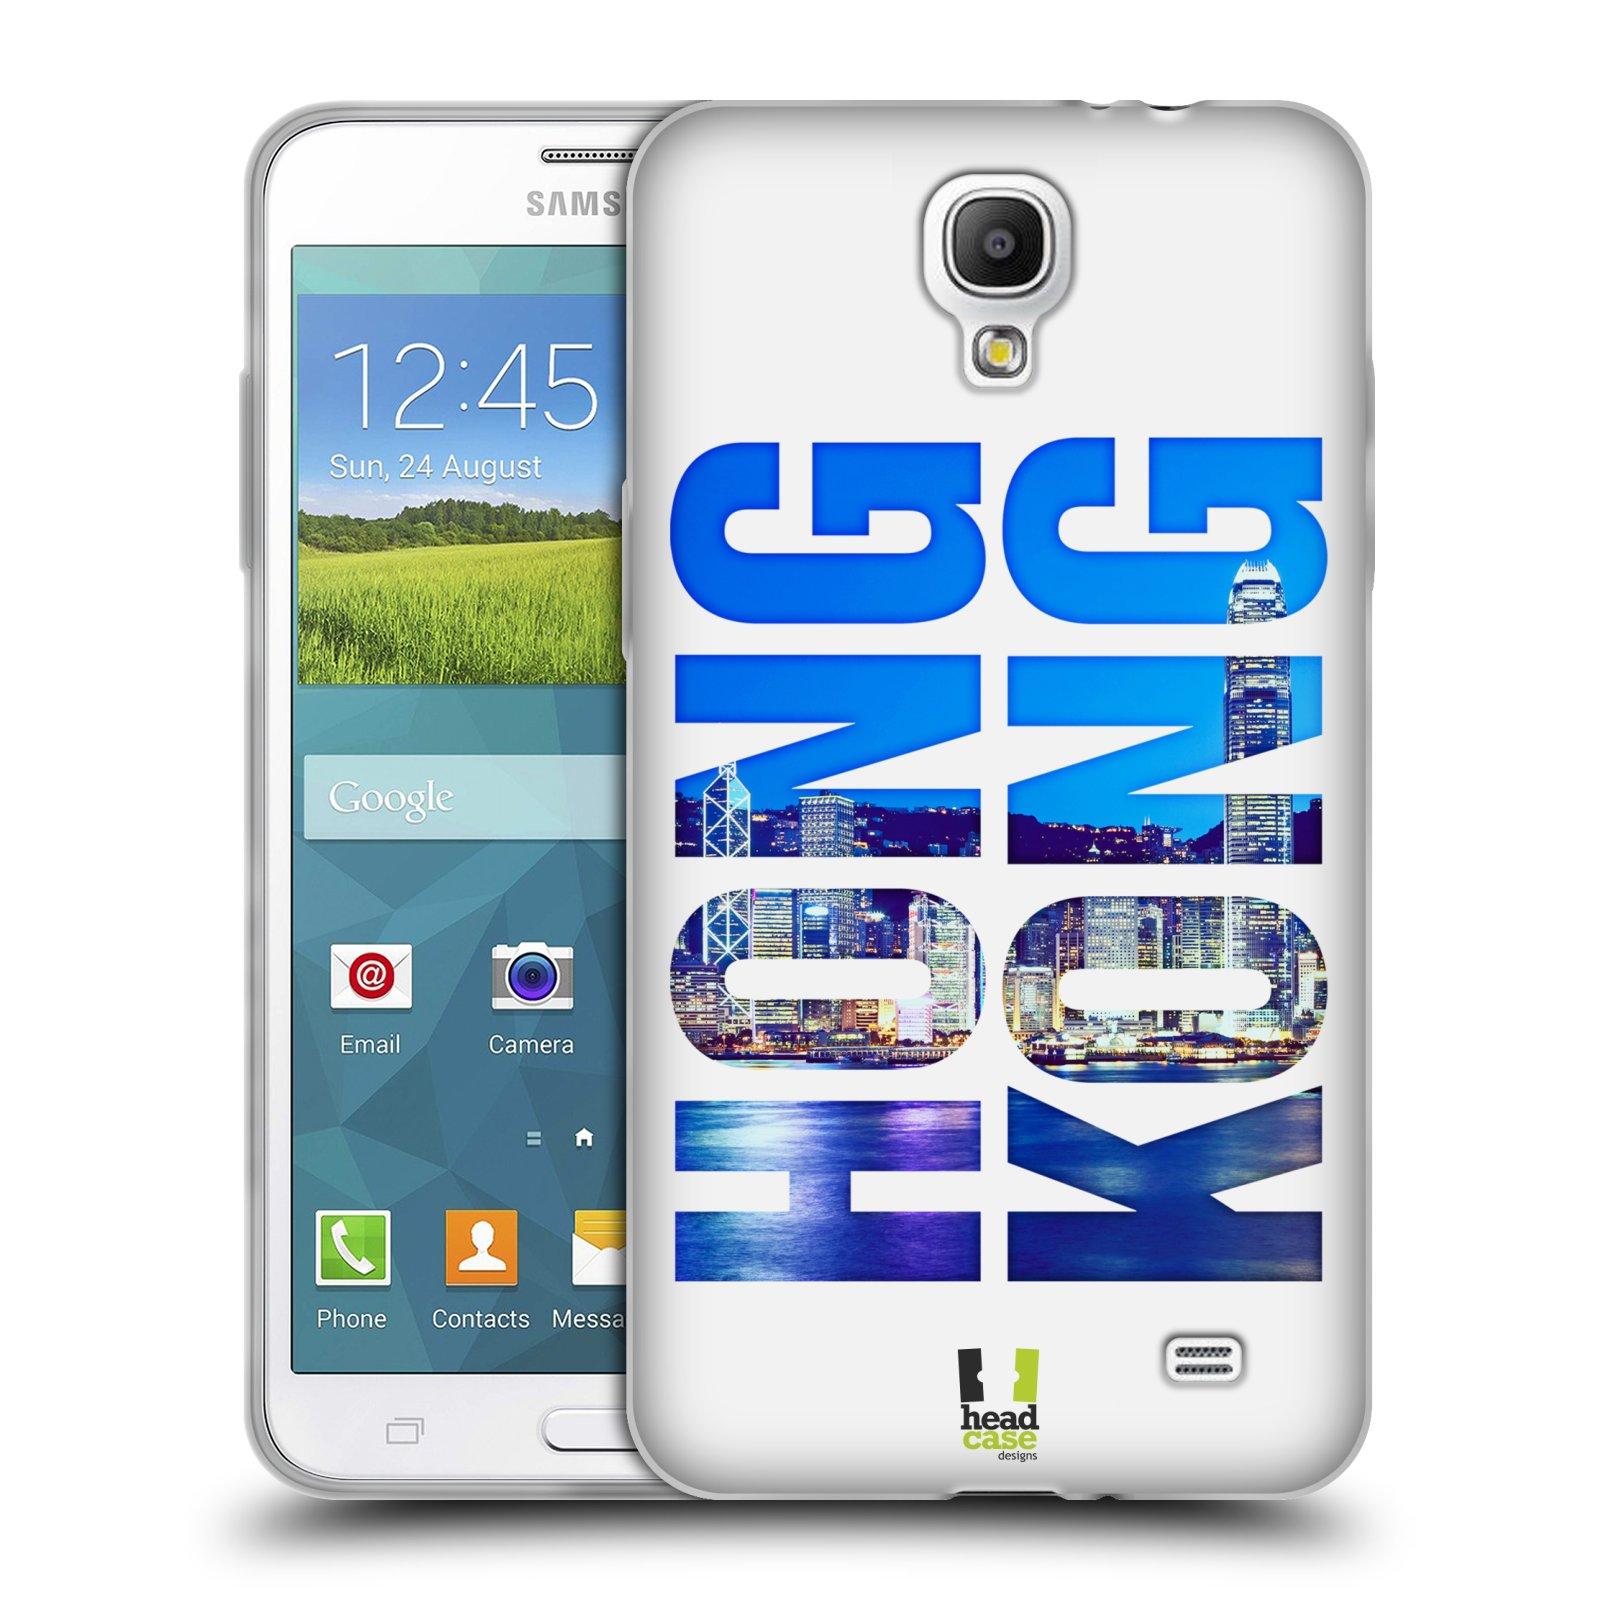 HEAD CASE silikonový obal na mobil Samsung Galaxy Mega 2 vzor Města foto a  nadpis ČÍNA empty 5fc3b48e9e2